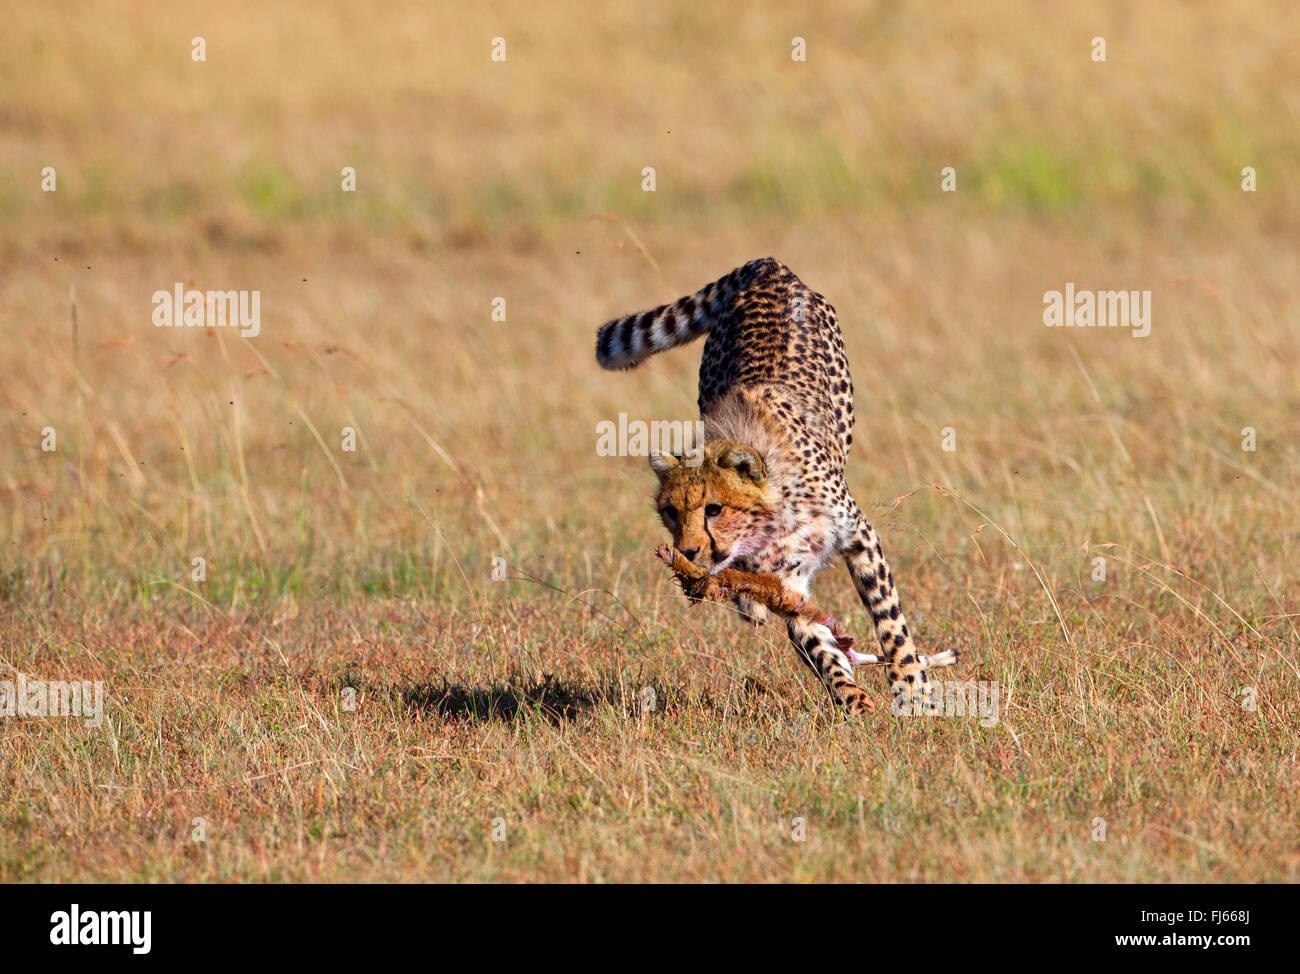 Le Guépard (Acinonyx jubatus), s'enfuit avec une partie d'un cadavre dans la bouche, Kenya, Masai Mara Photo Stock